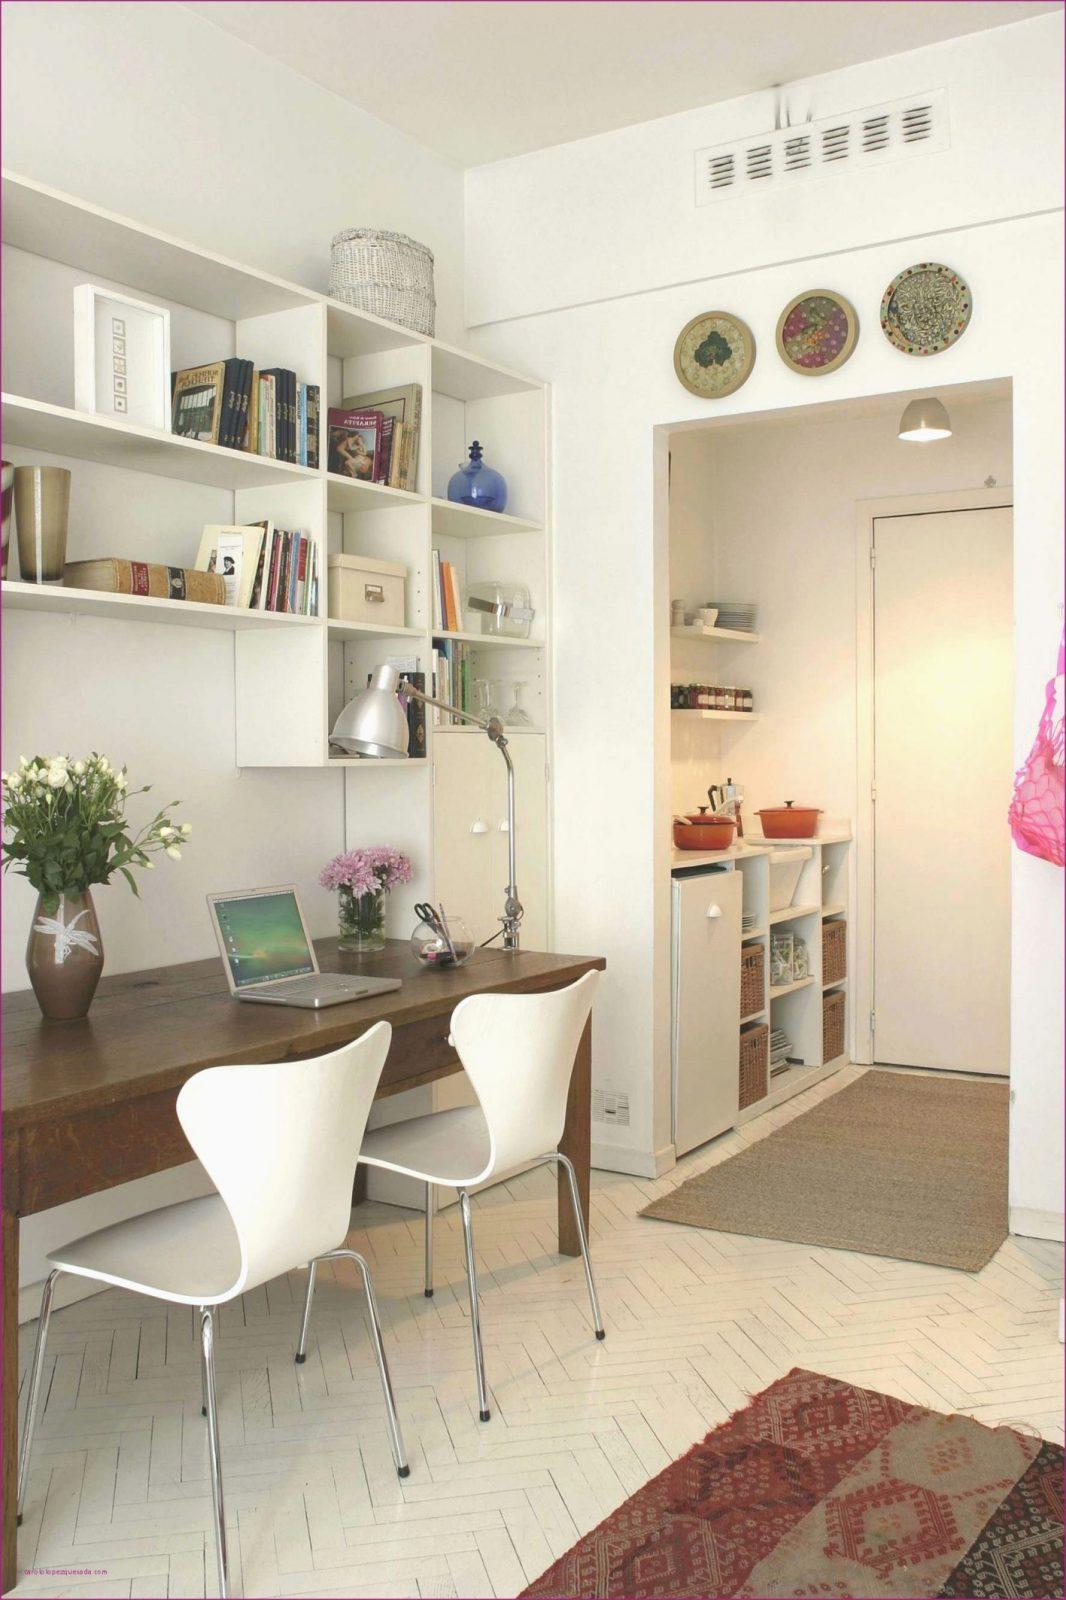 42 Schön Kleine Kinderzimmer Optimal Einrichten Design Von Kleines von Kleine Kinderzimmer Optimal Einrichten Bild